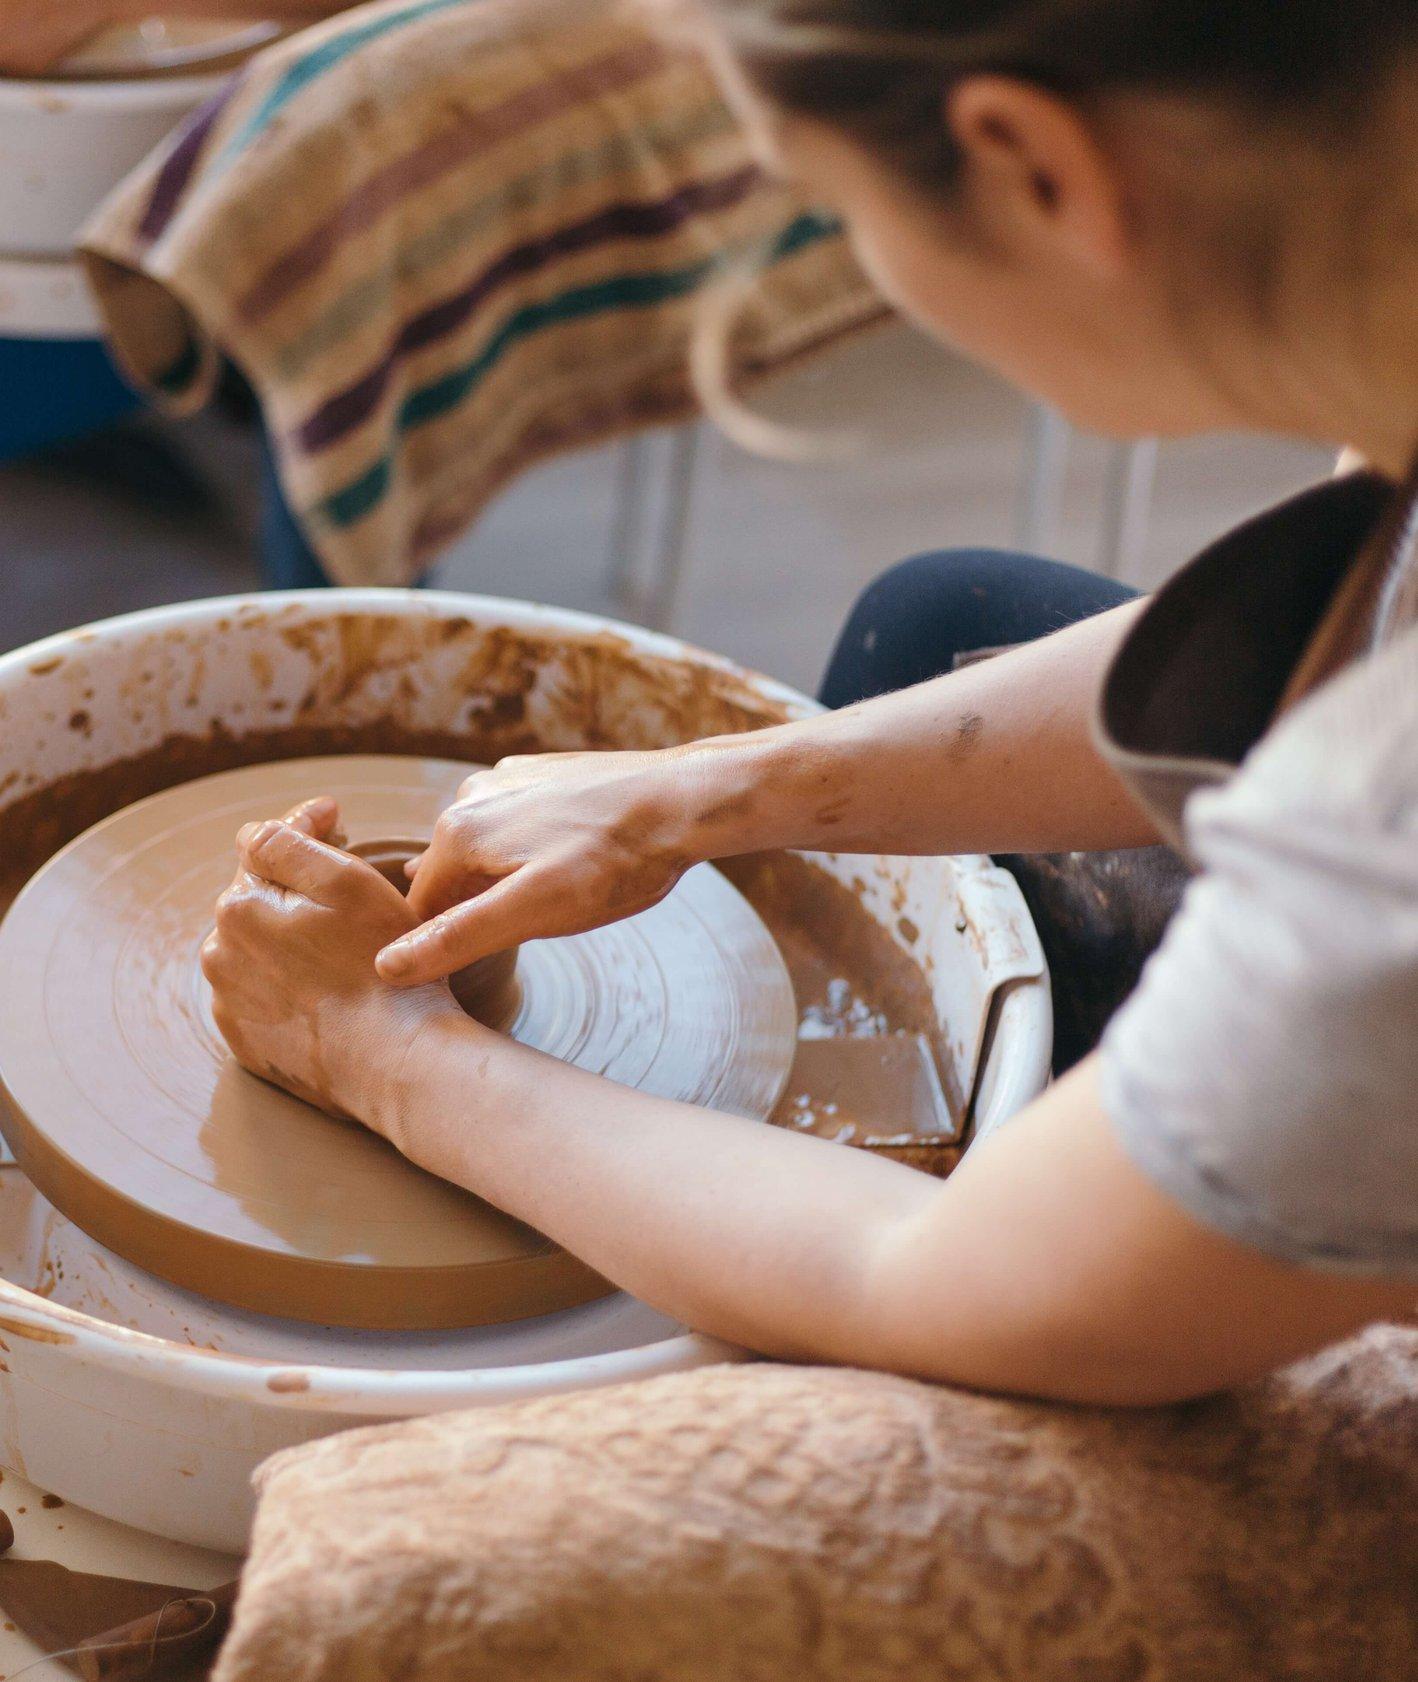 Pracownia ceramiczna, dziewczyna przy kole garncarskim.  (fot. Juliet Furst )